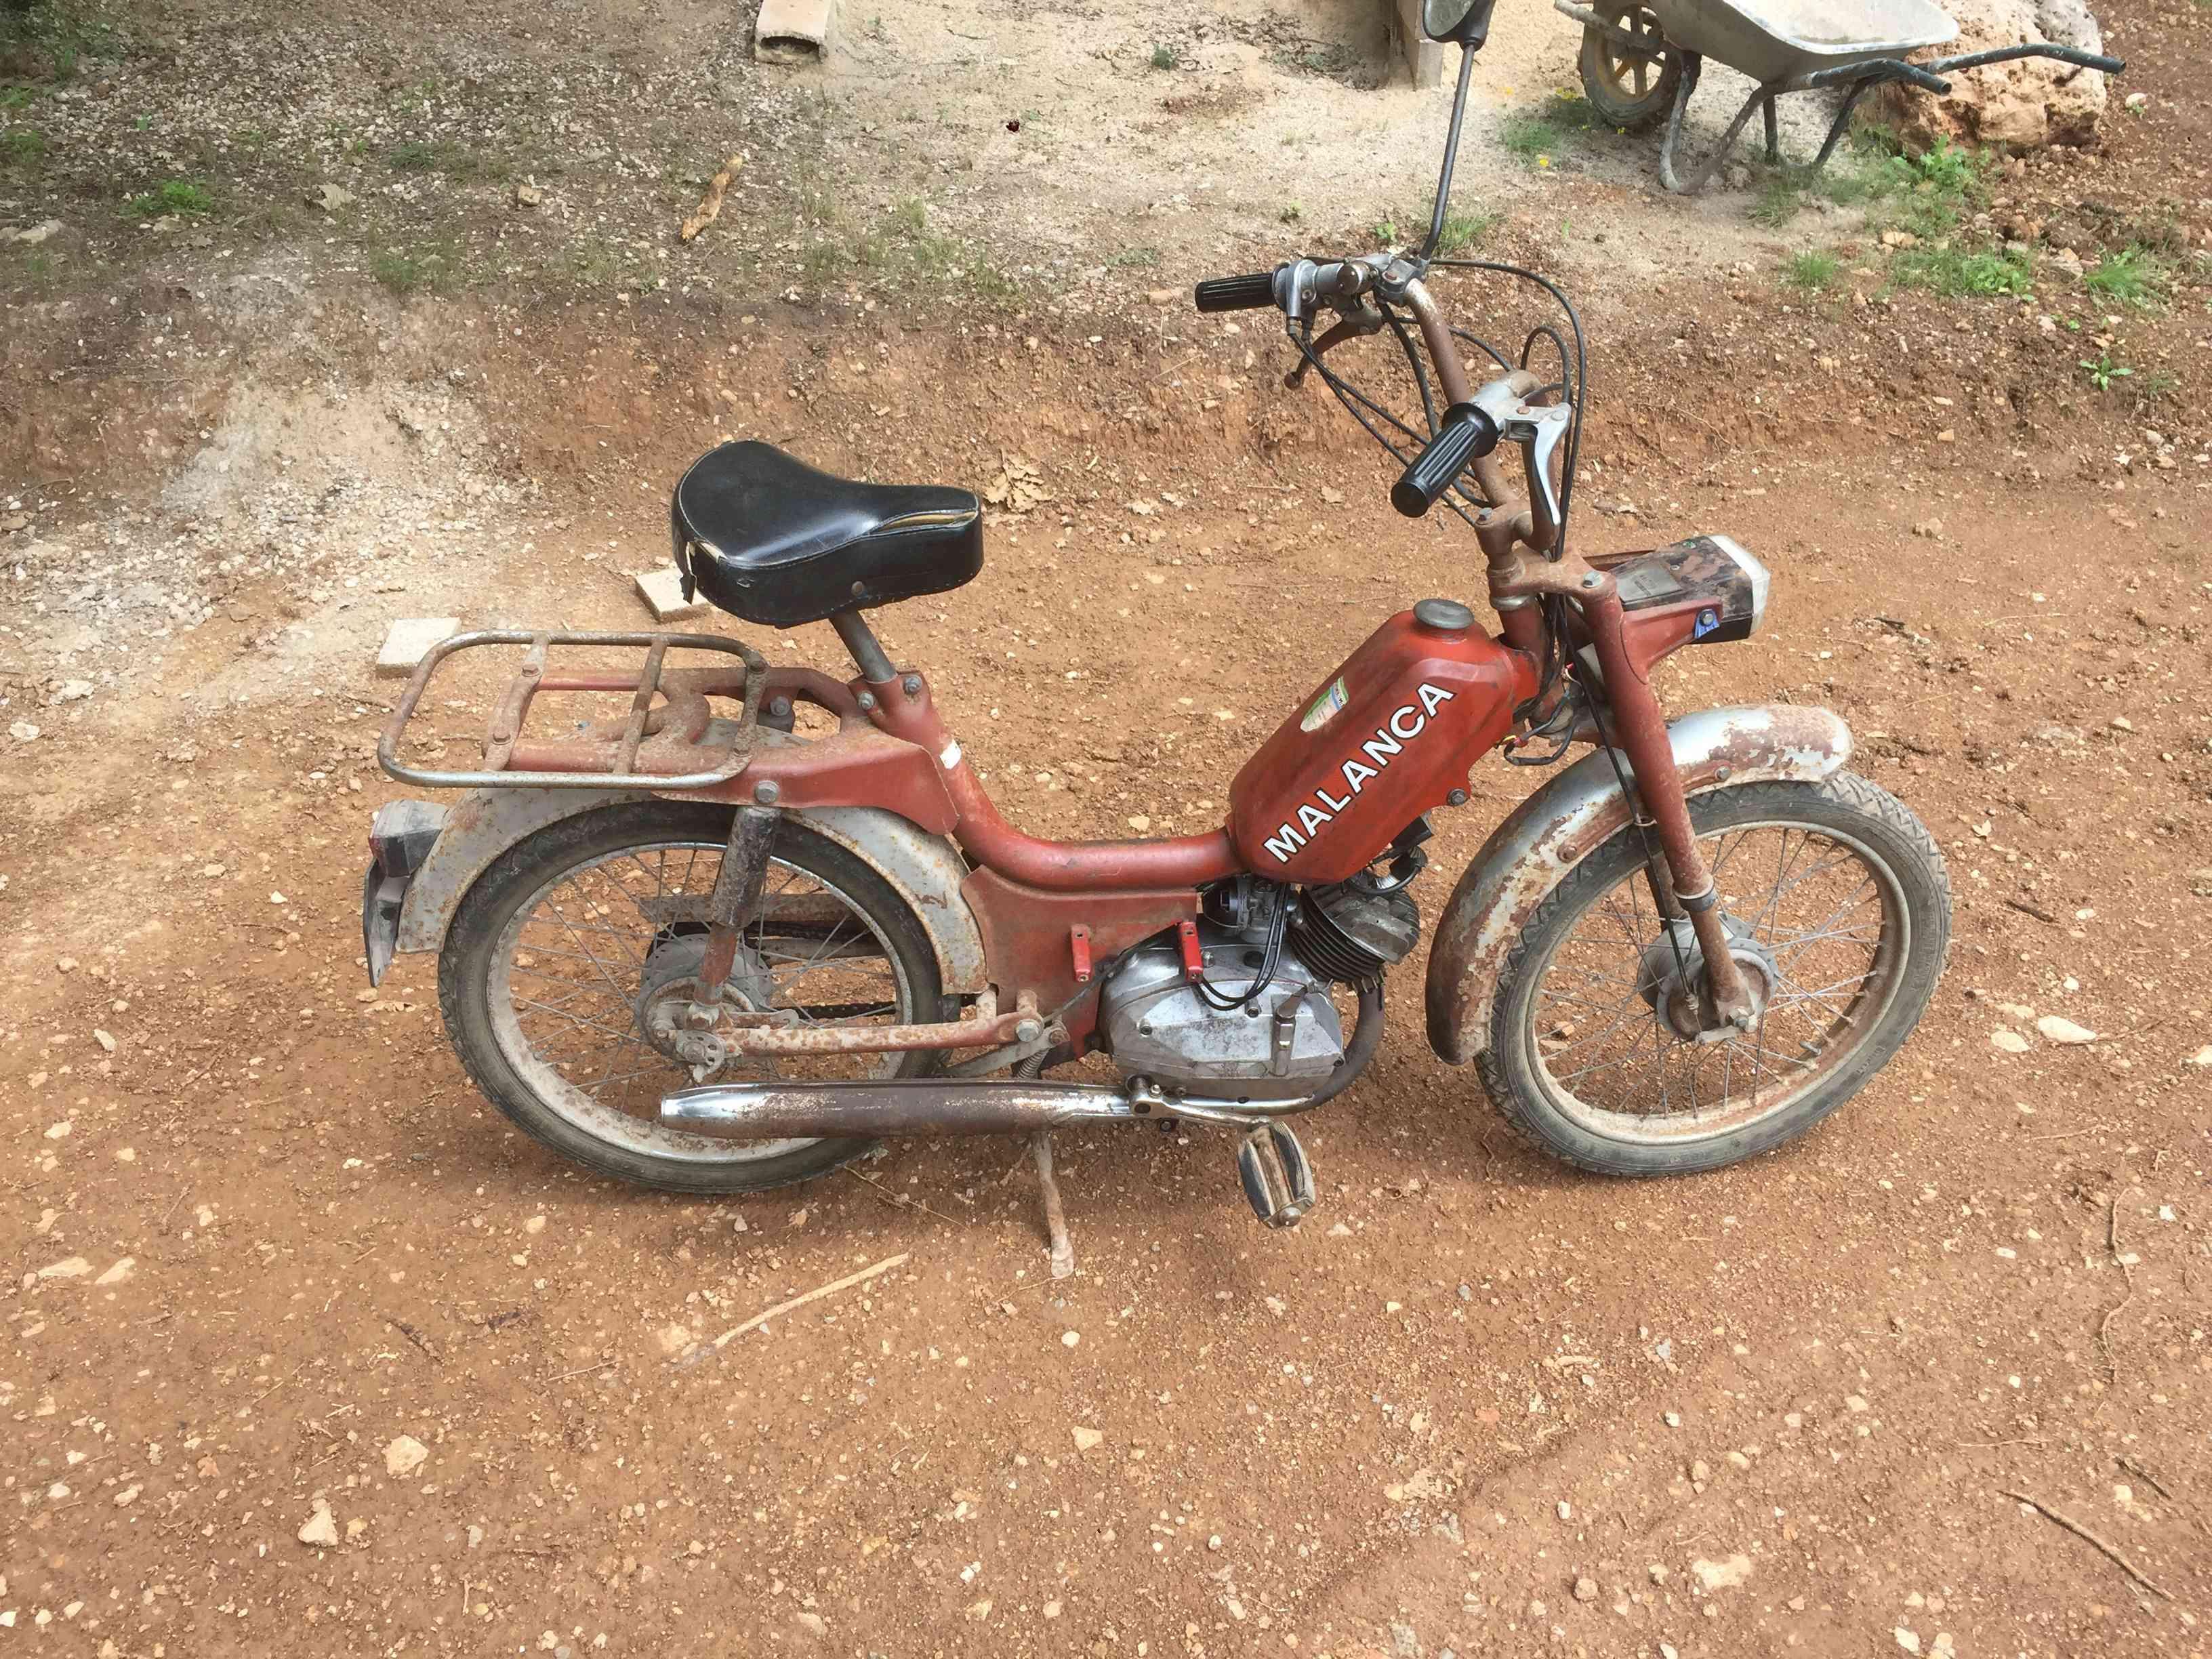 Cyclo Malanca Img_6035